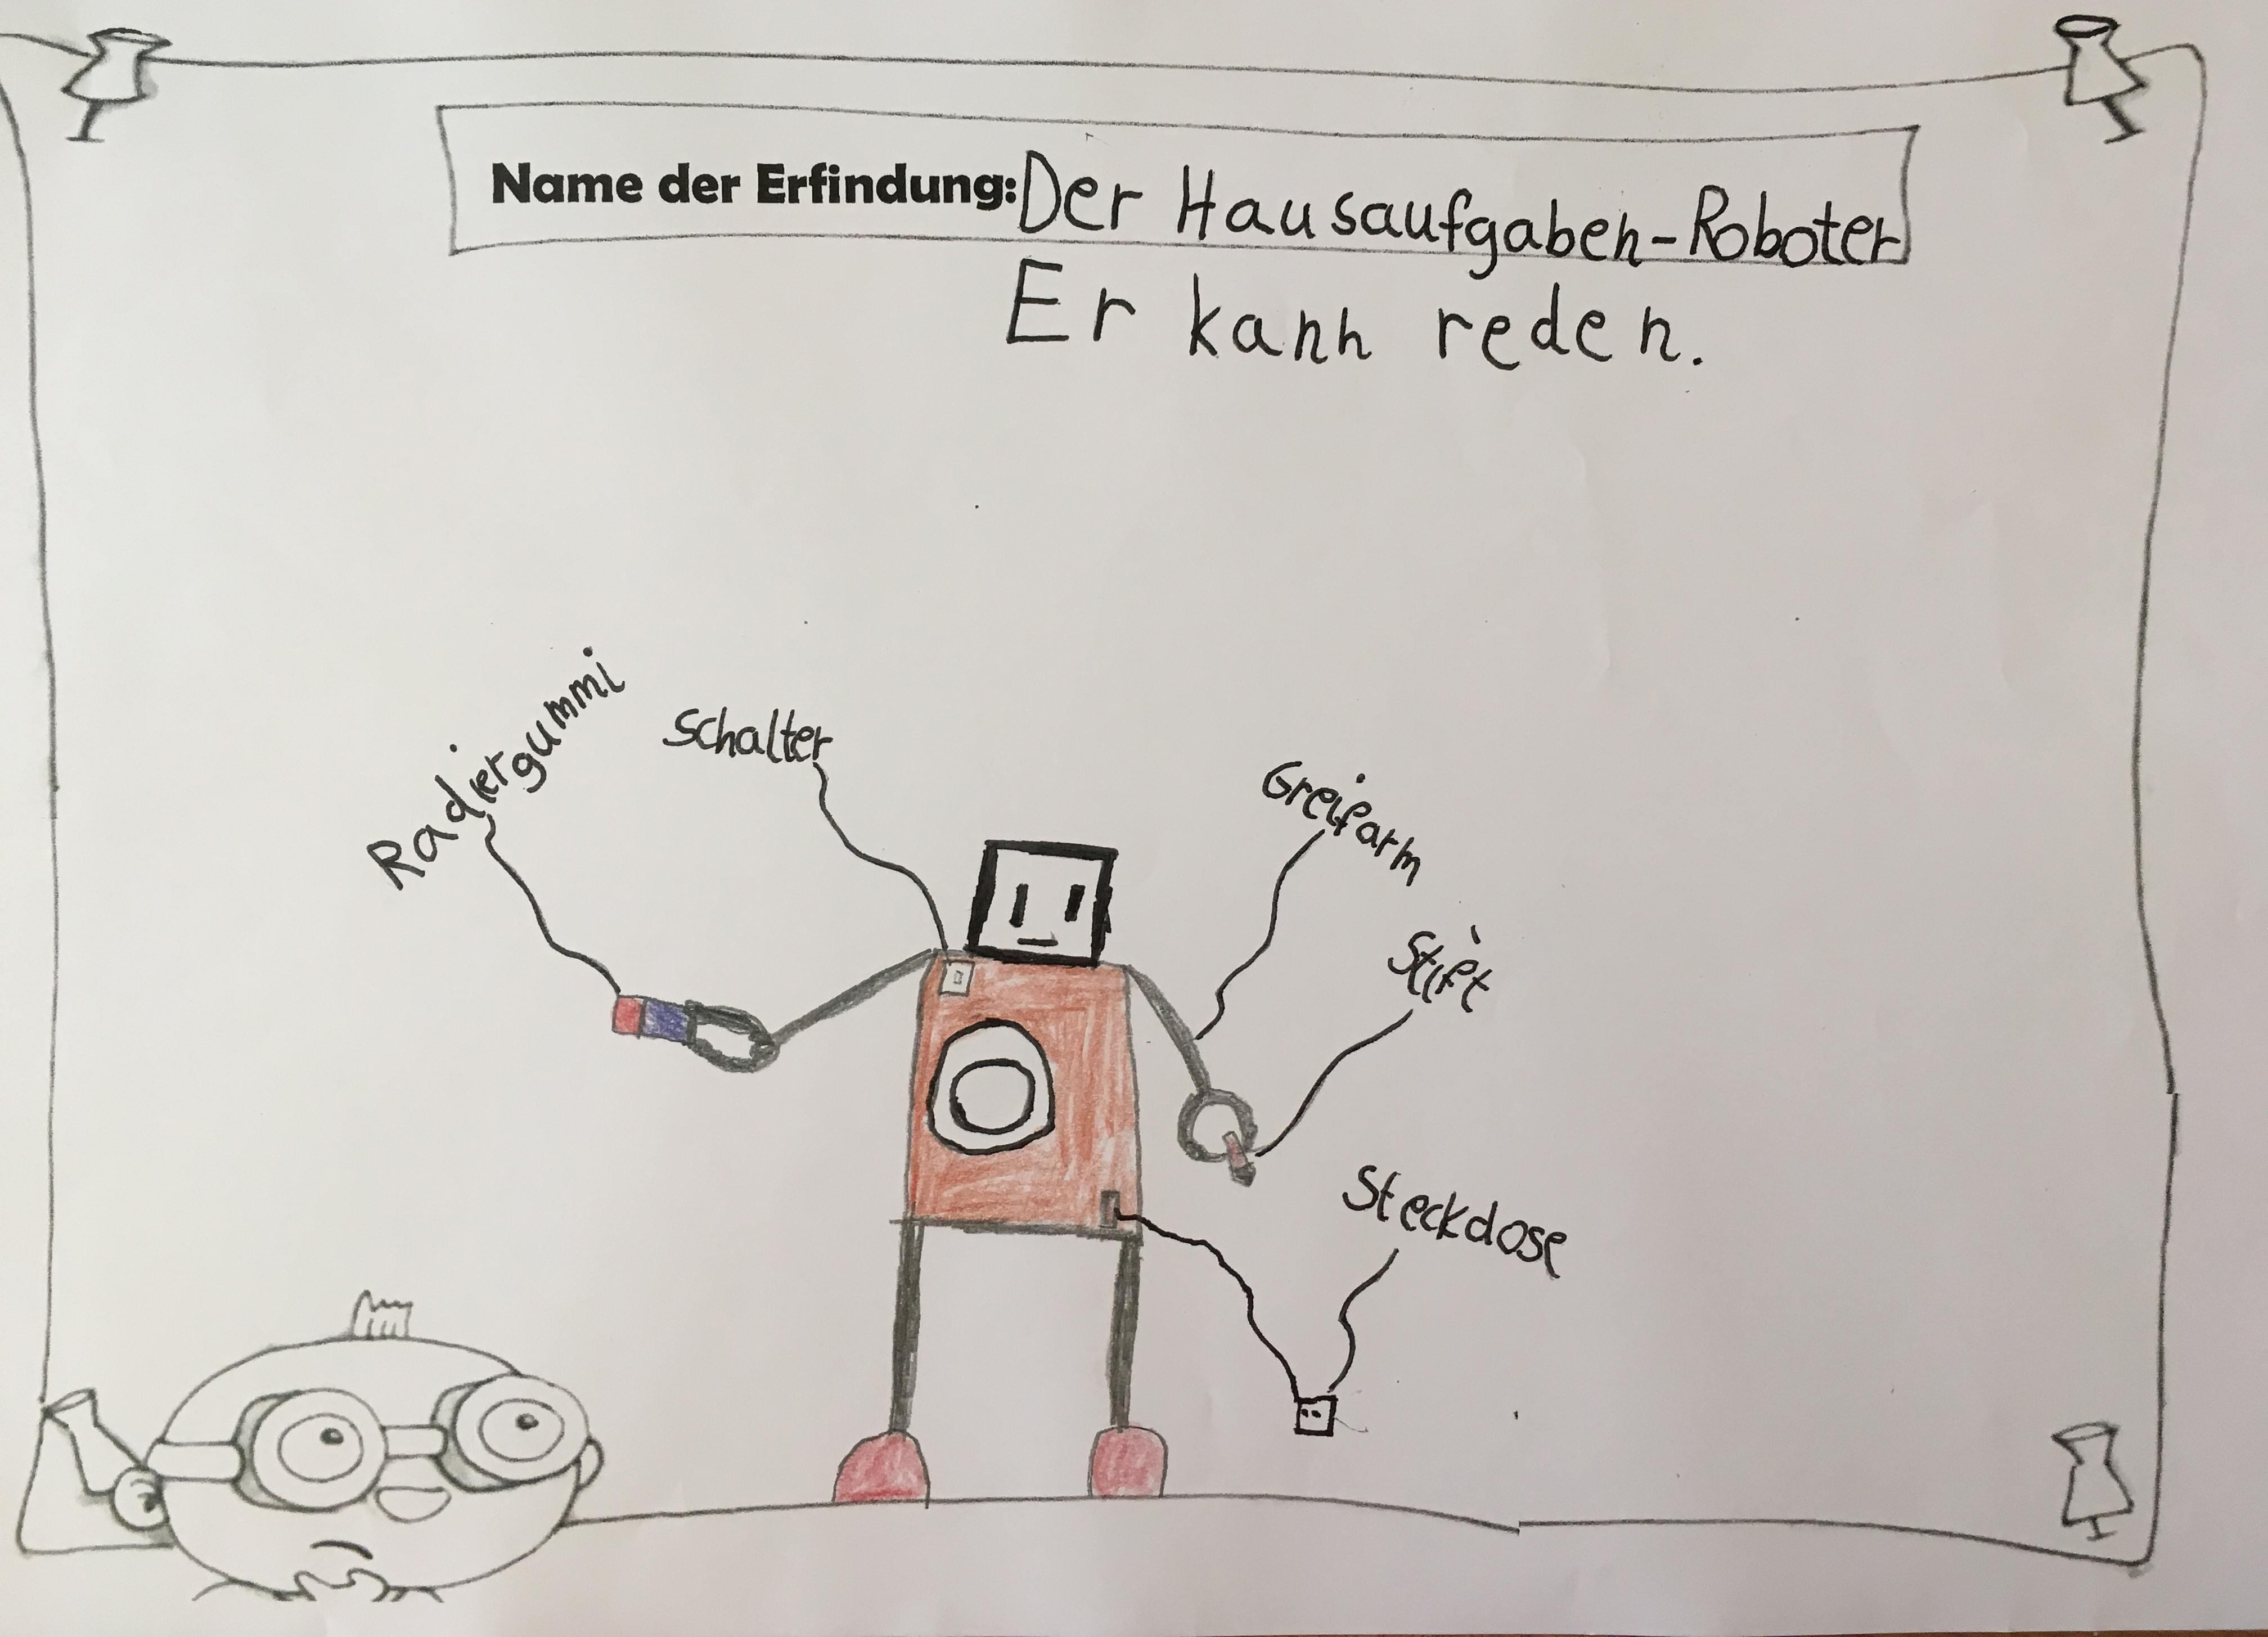 Bild von Hausaufgaben-Roboter